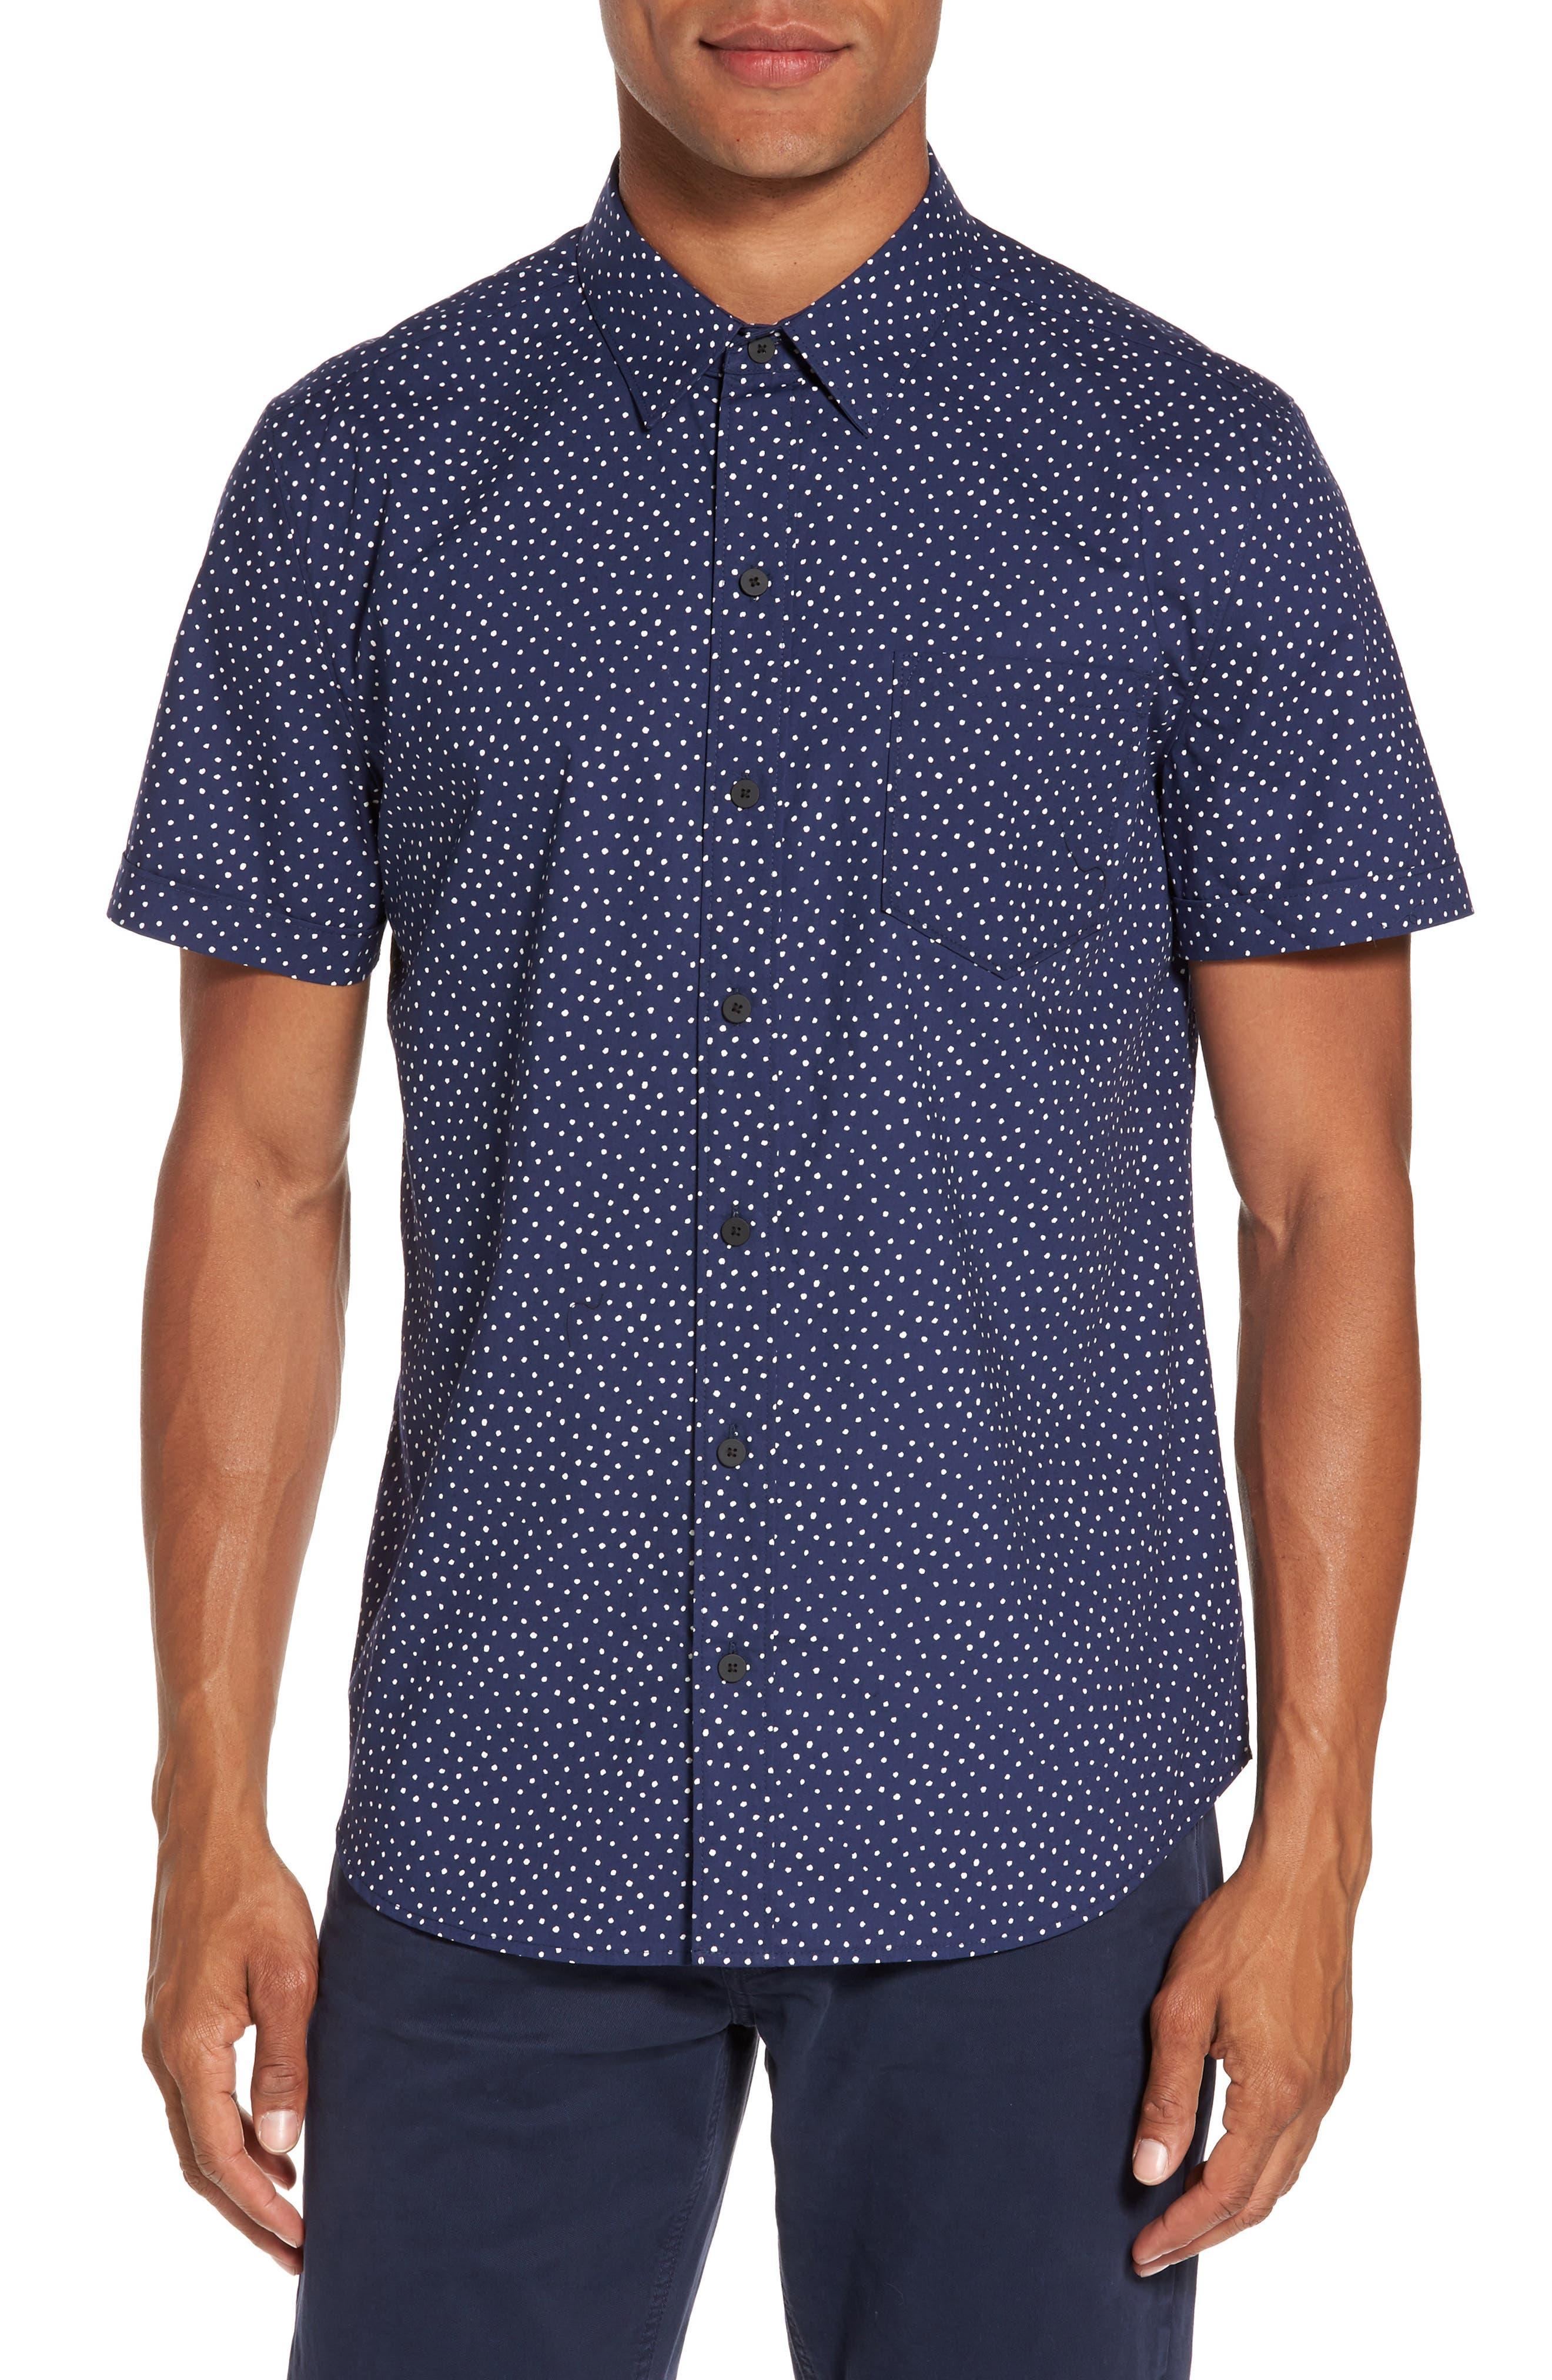 Becker Dot Print Woven Shirt,                         Main,                         color, Mystic Blue